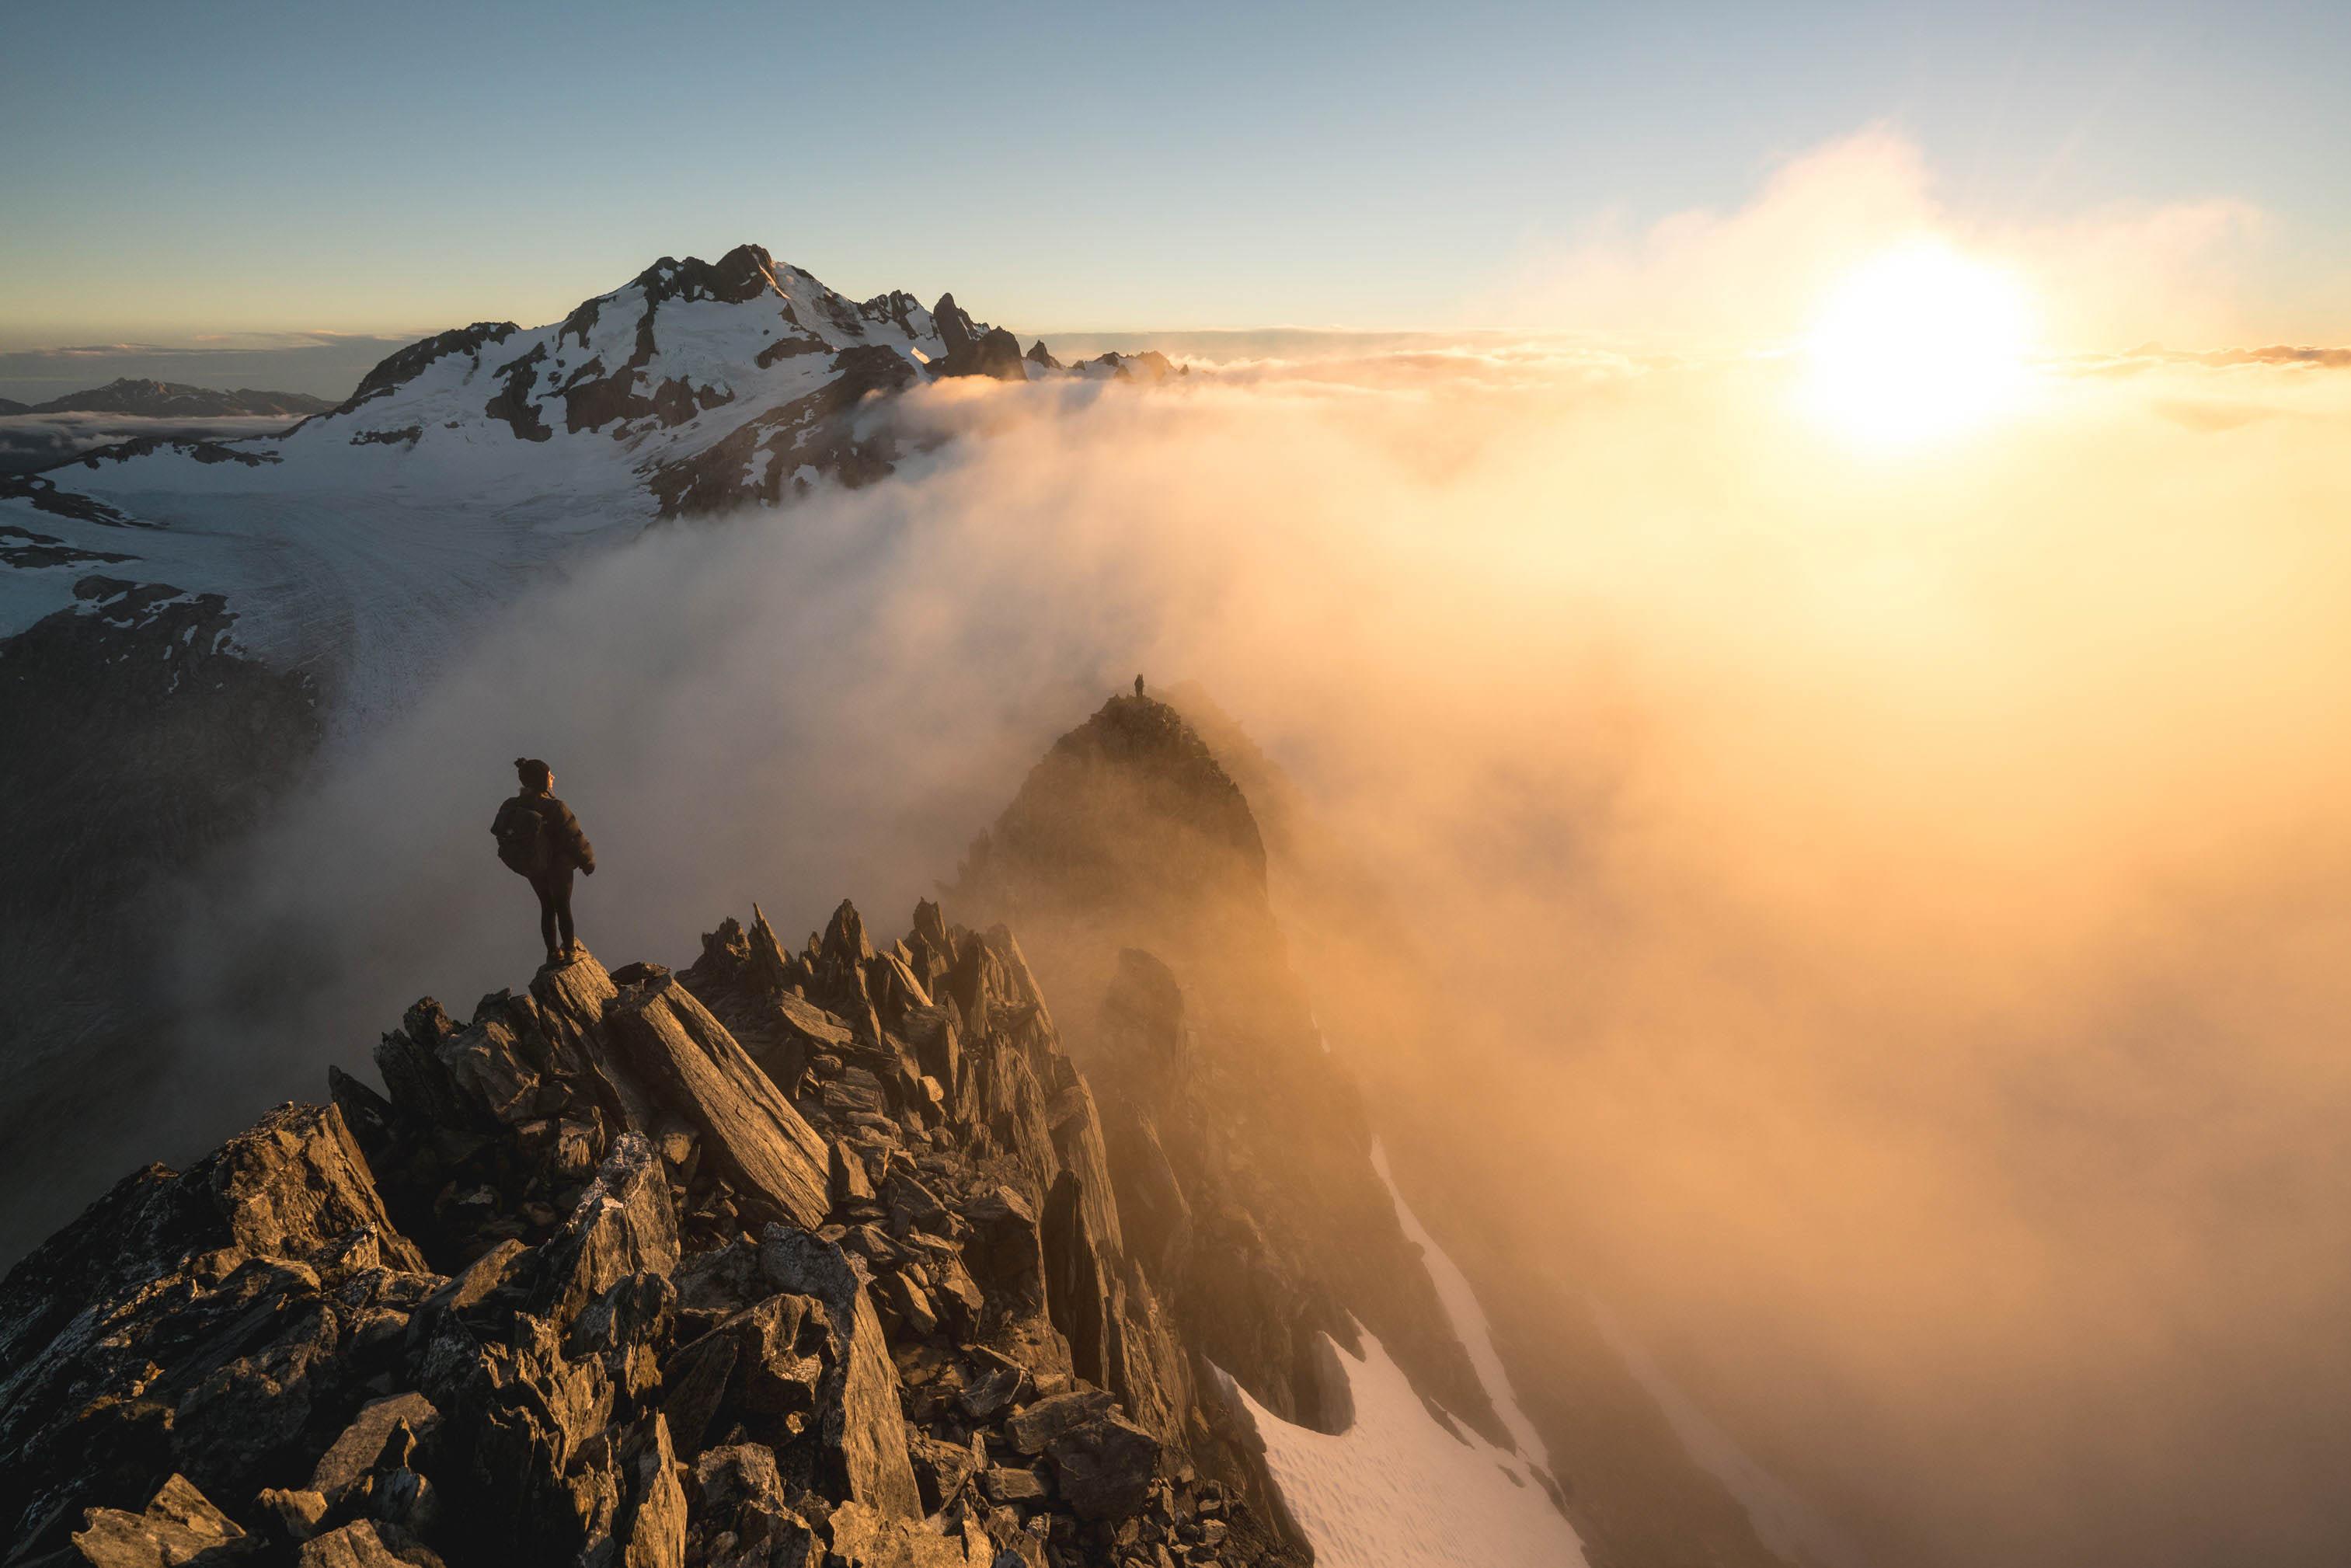 New Zealand, sunset, photo shoot, mountain landscape photography